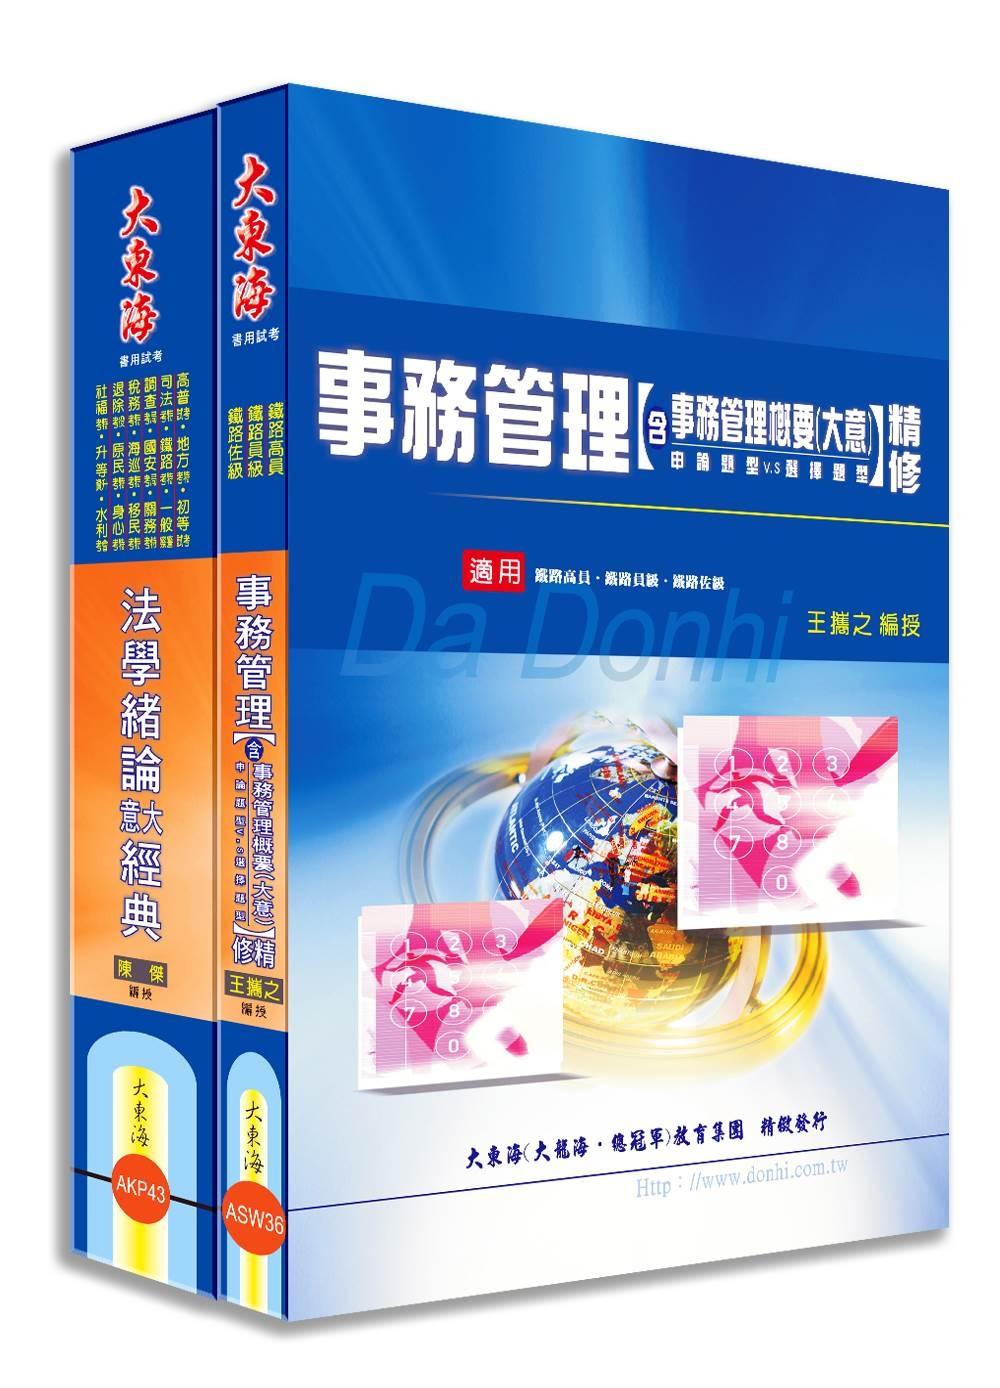 鐵路佐級(事務管理) 專業科目套書(增訂版)